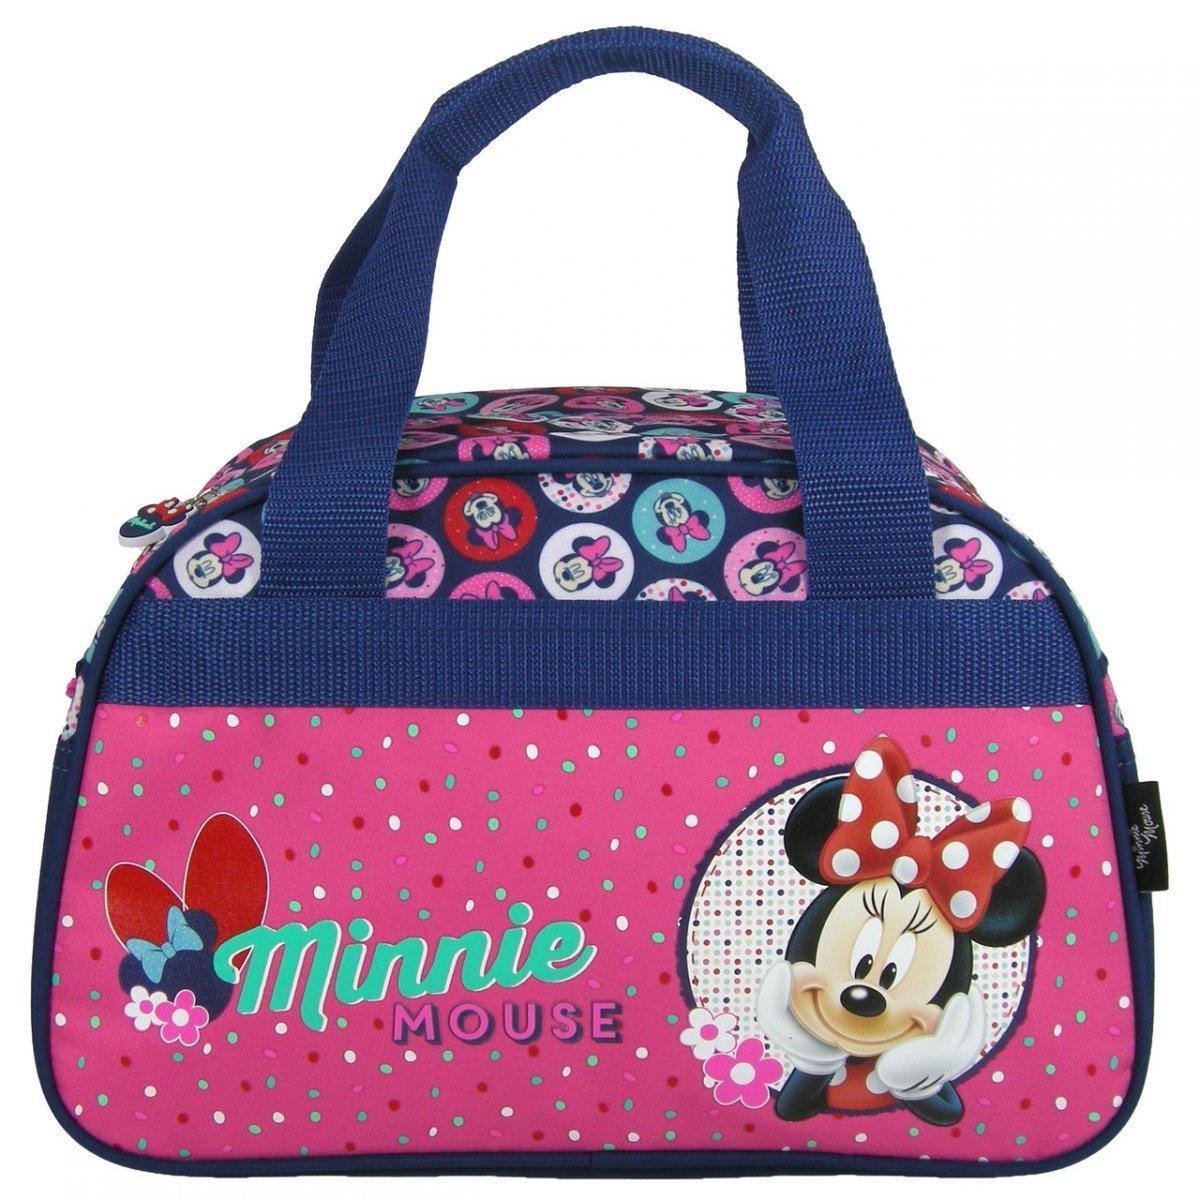 8f80f27b5f965 Torba podróżna, sportowa MYSZKA MINNIE, Disney (TPMM16) | plecaki ...